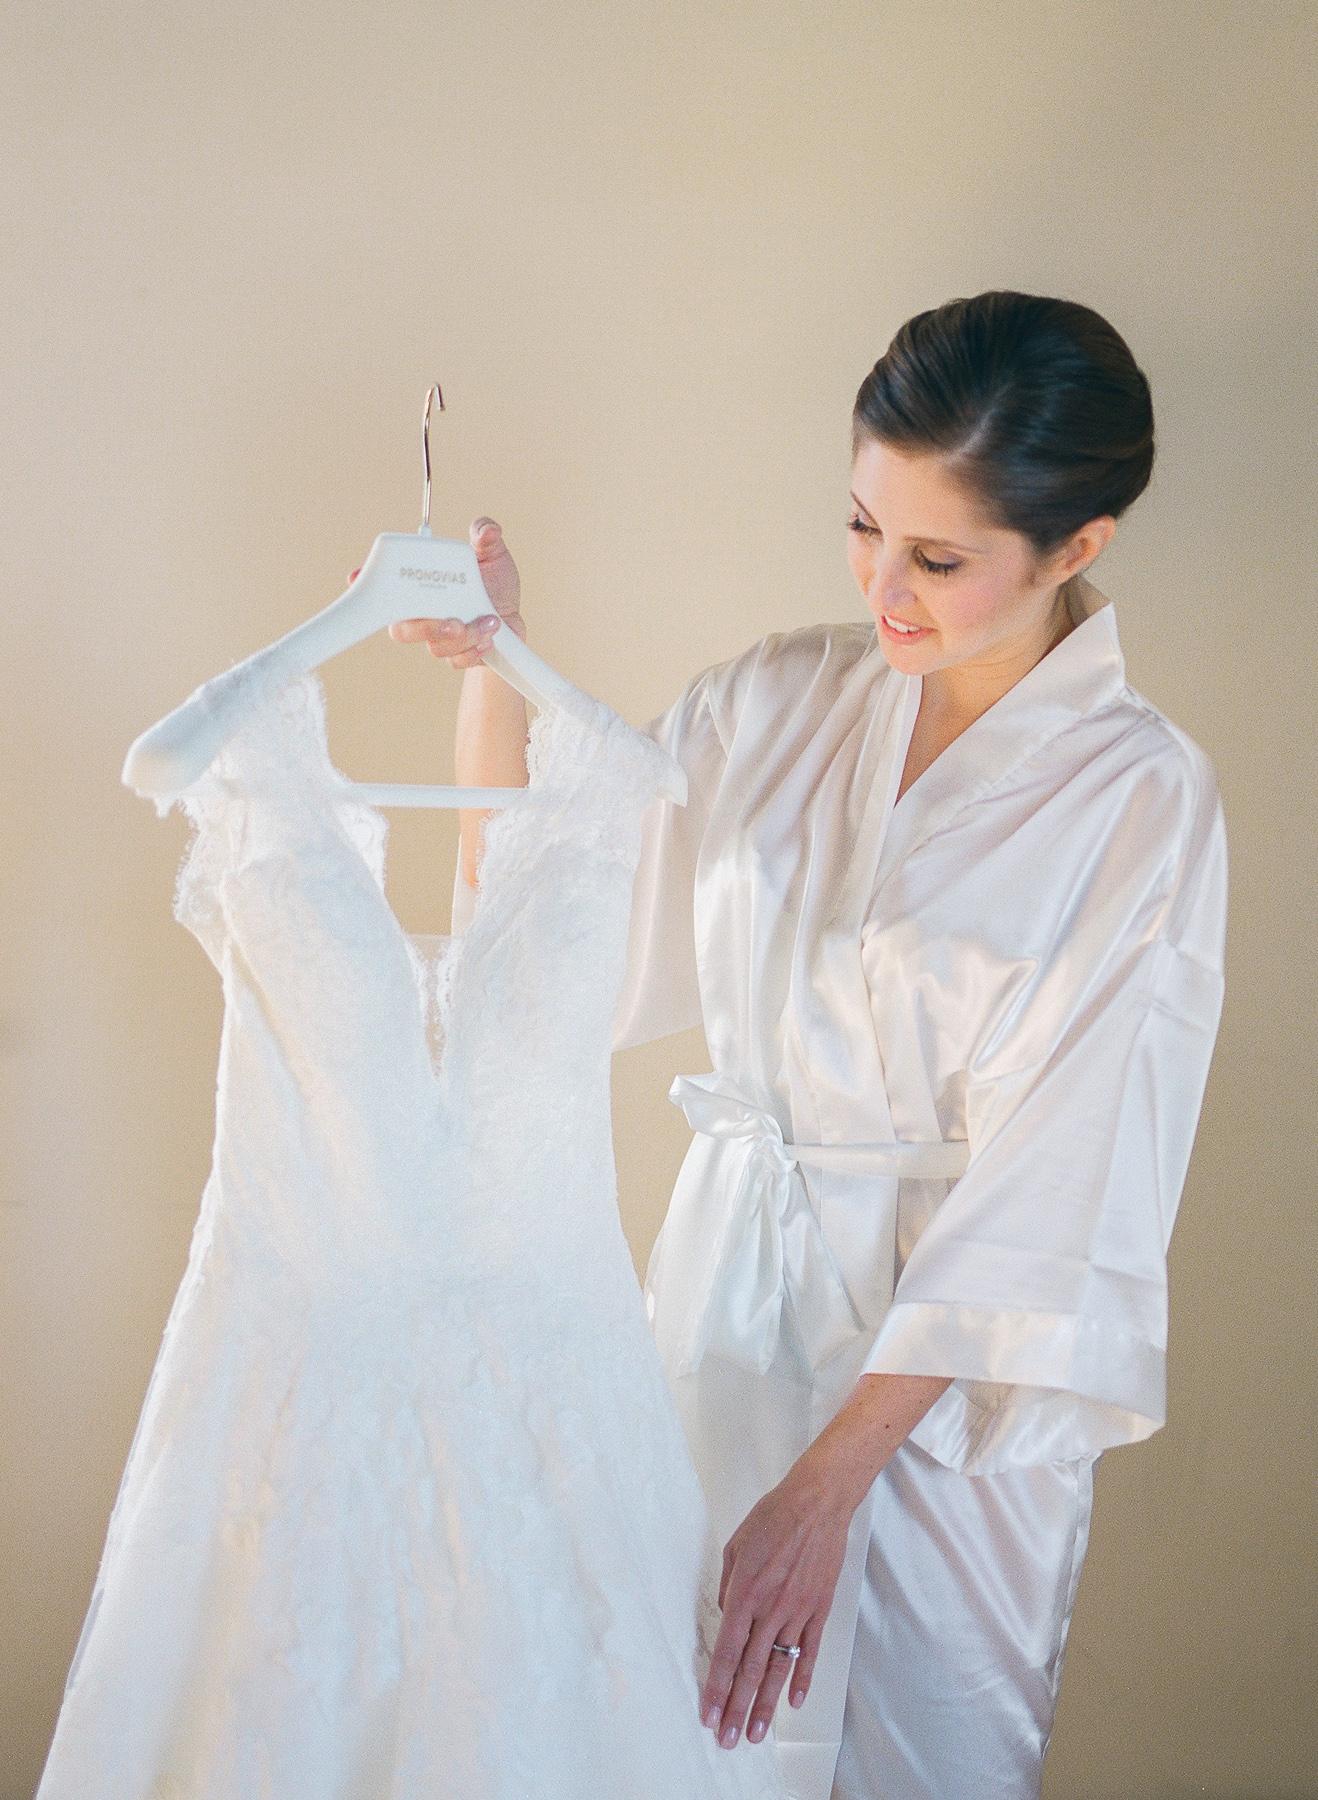 Bride admiring wedding gown